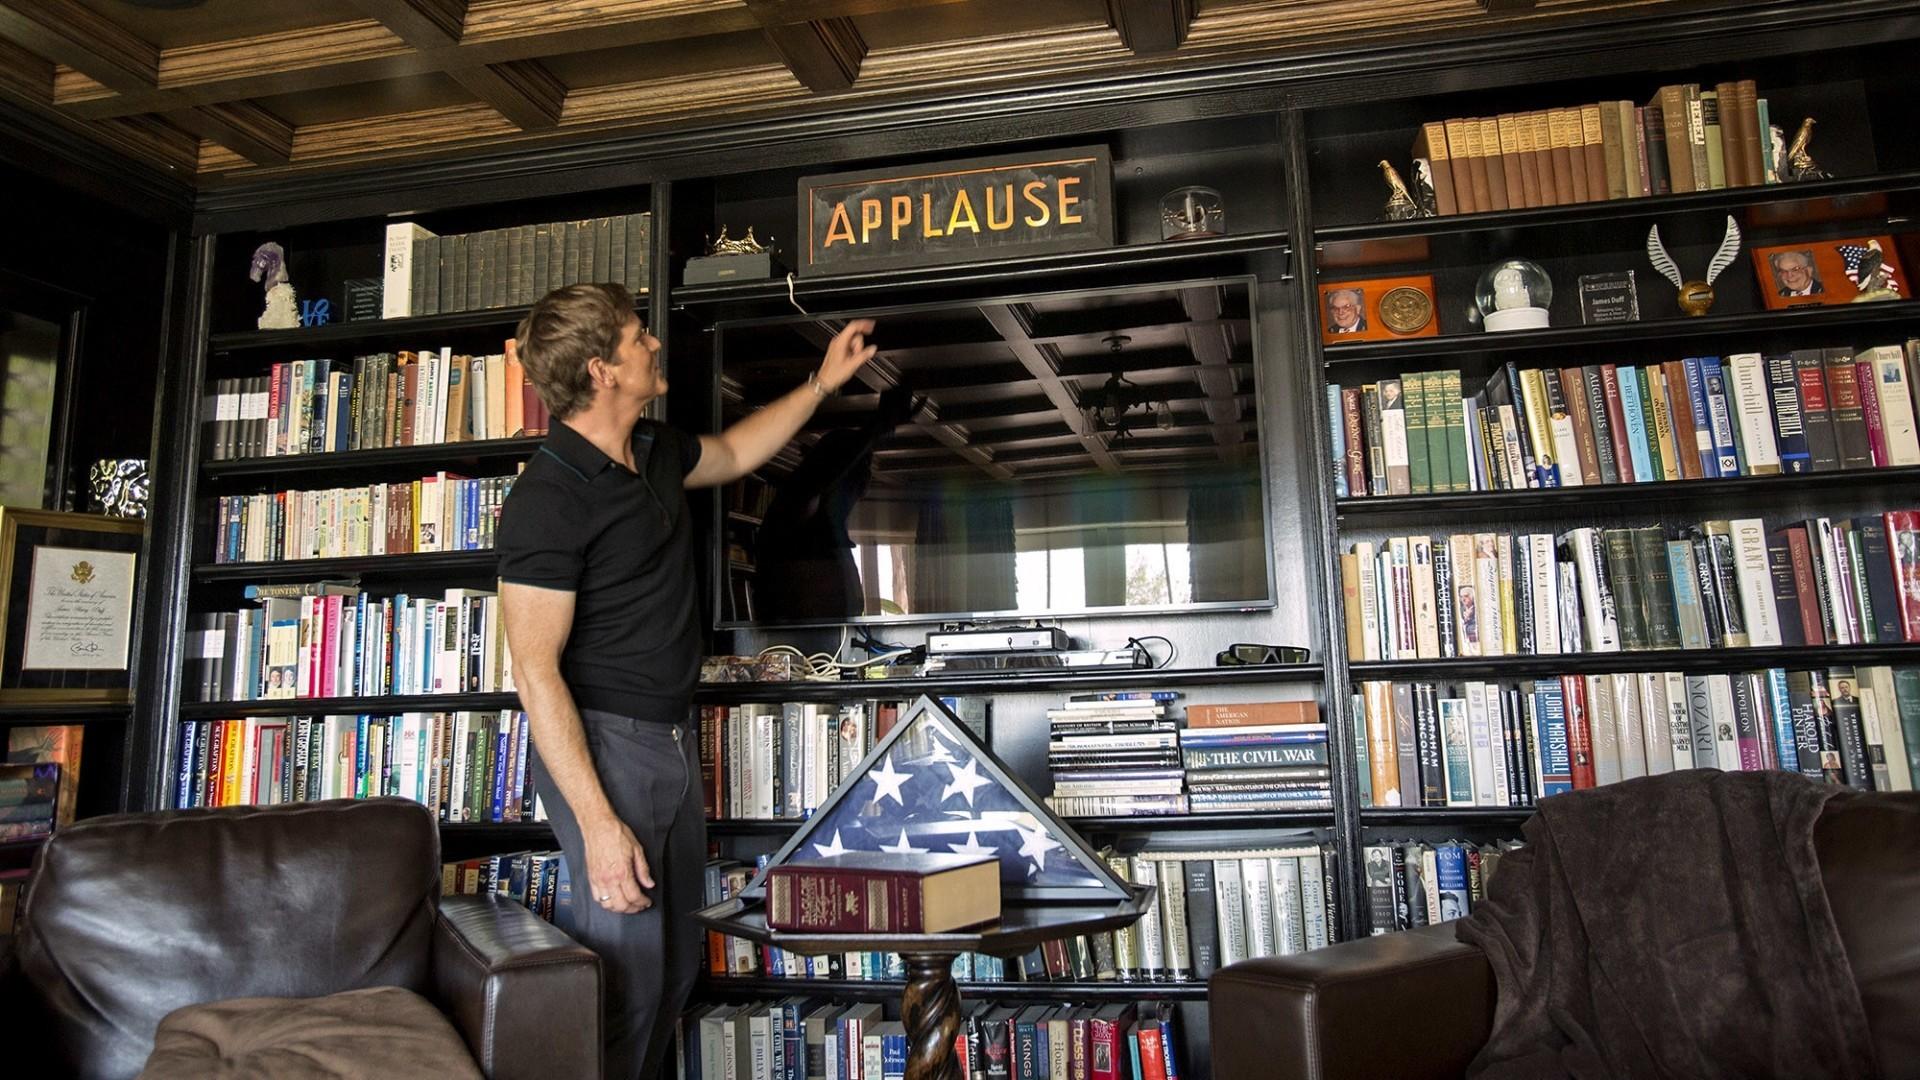 Hot Property | My Favorite Room: Phillip P. Keene of 'Major Crimes' cozies up in the den